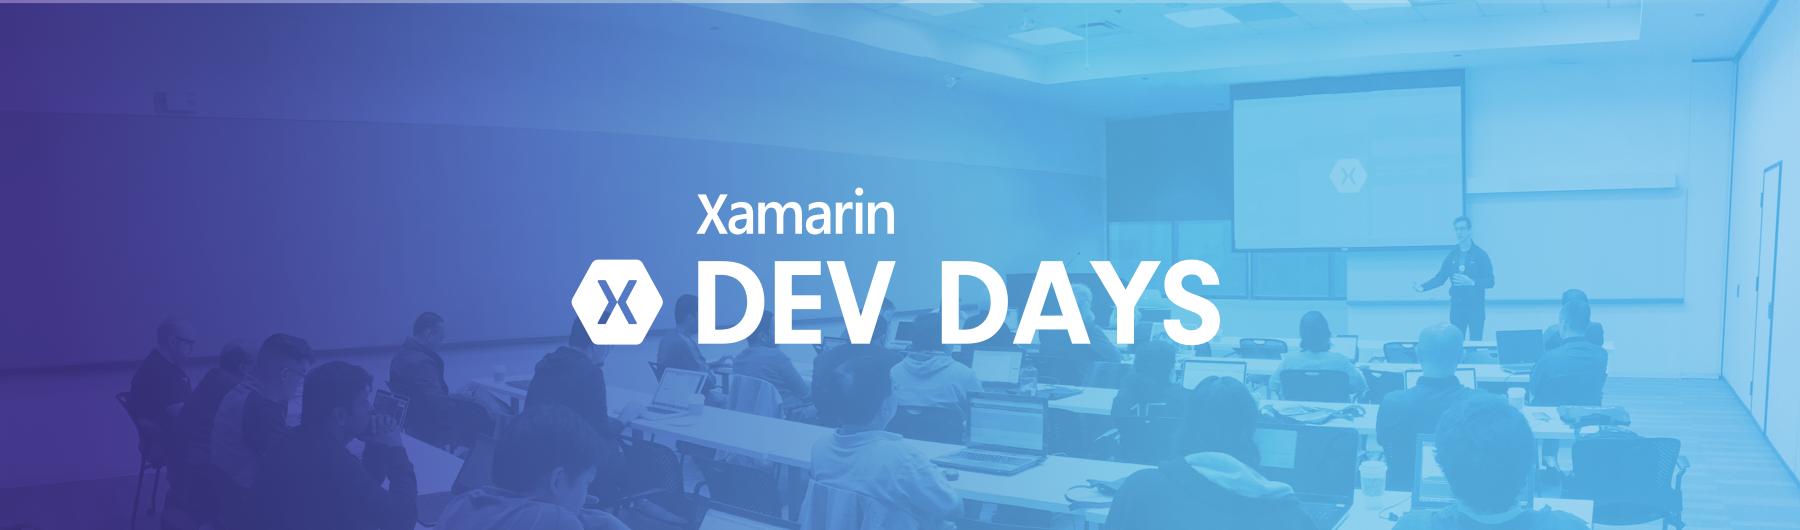 Xamarin Dev Days - Hà Nội